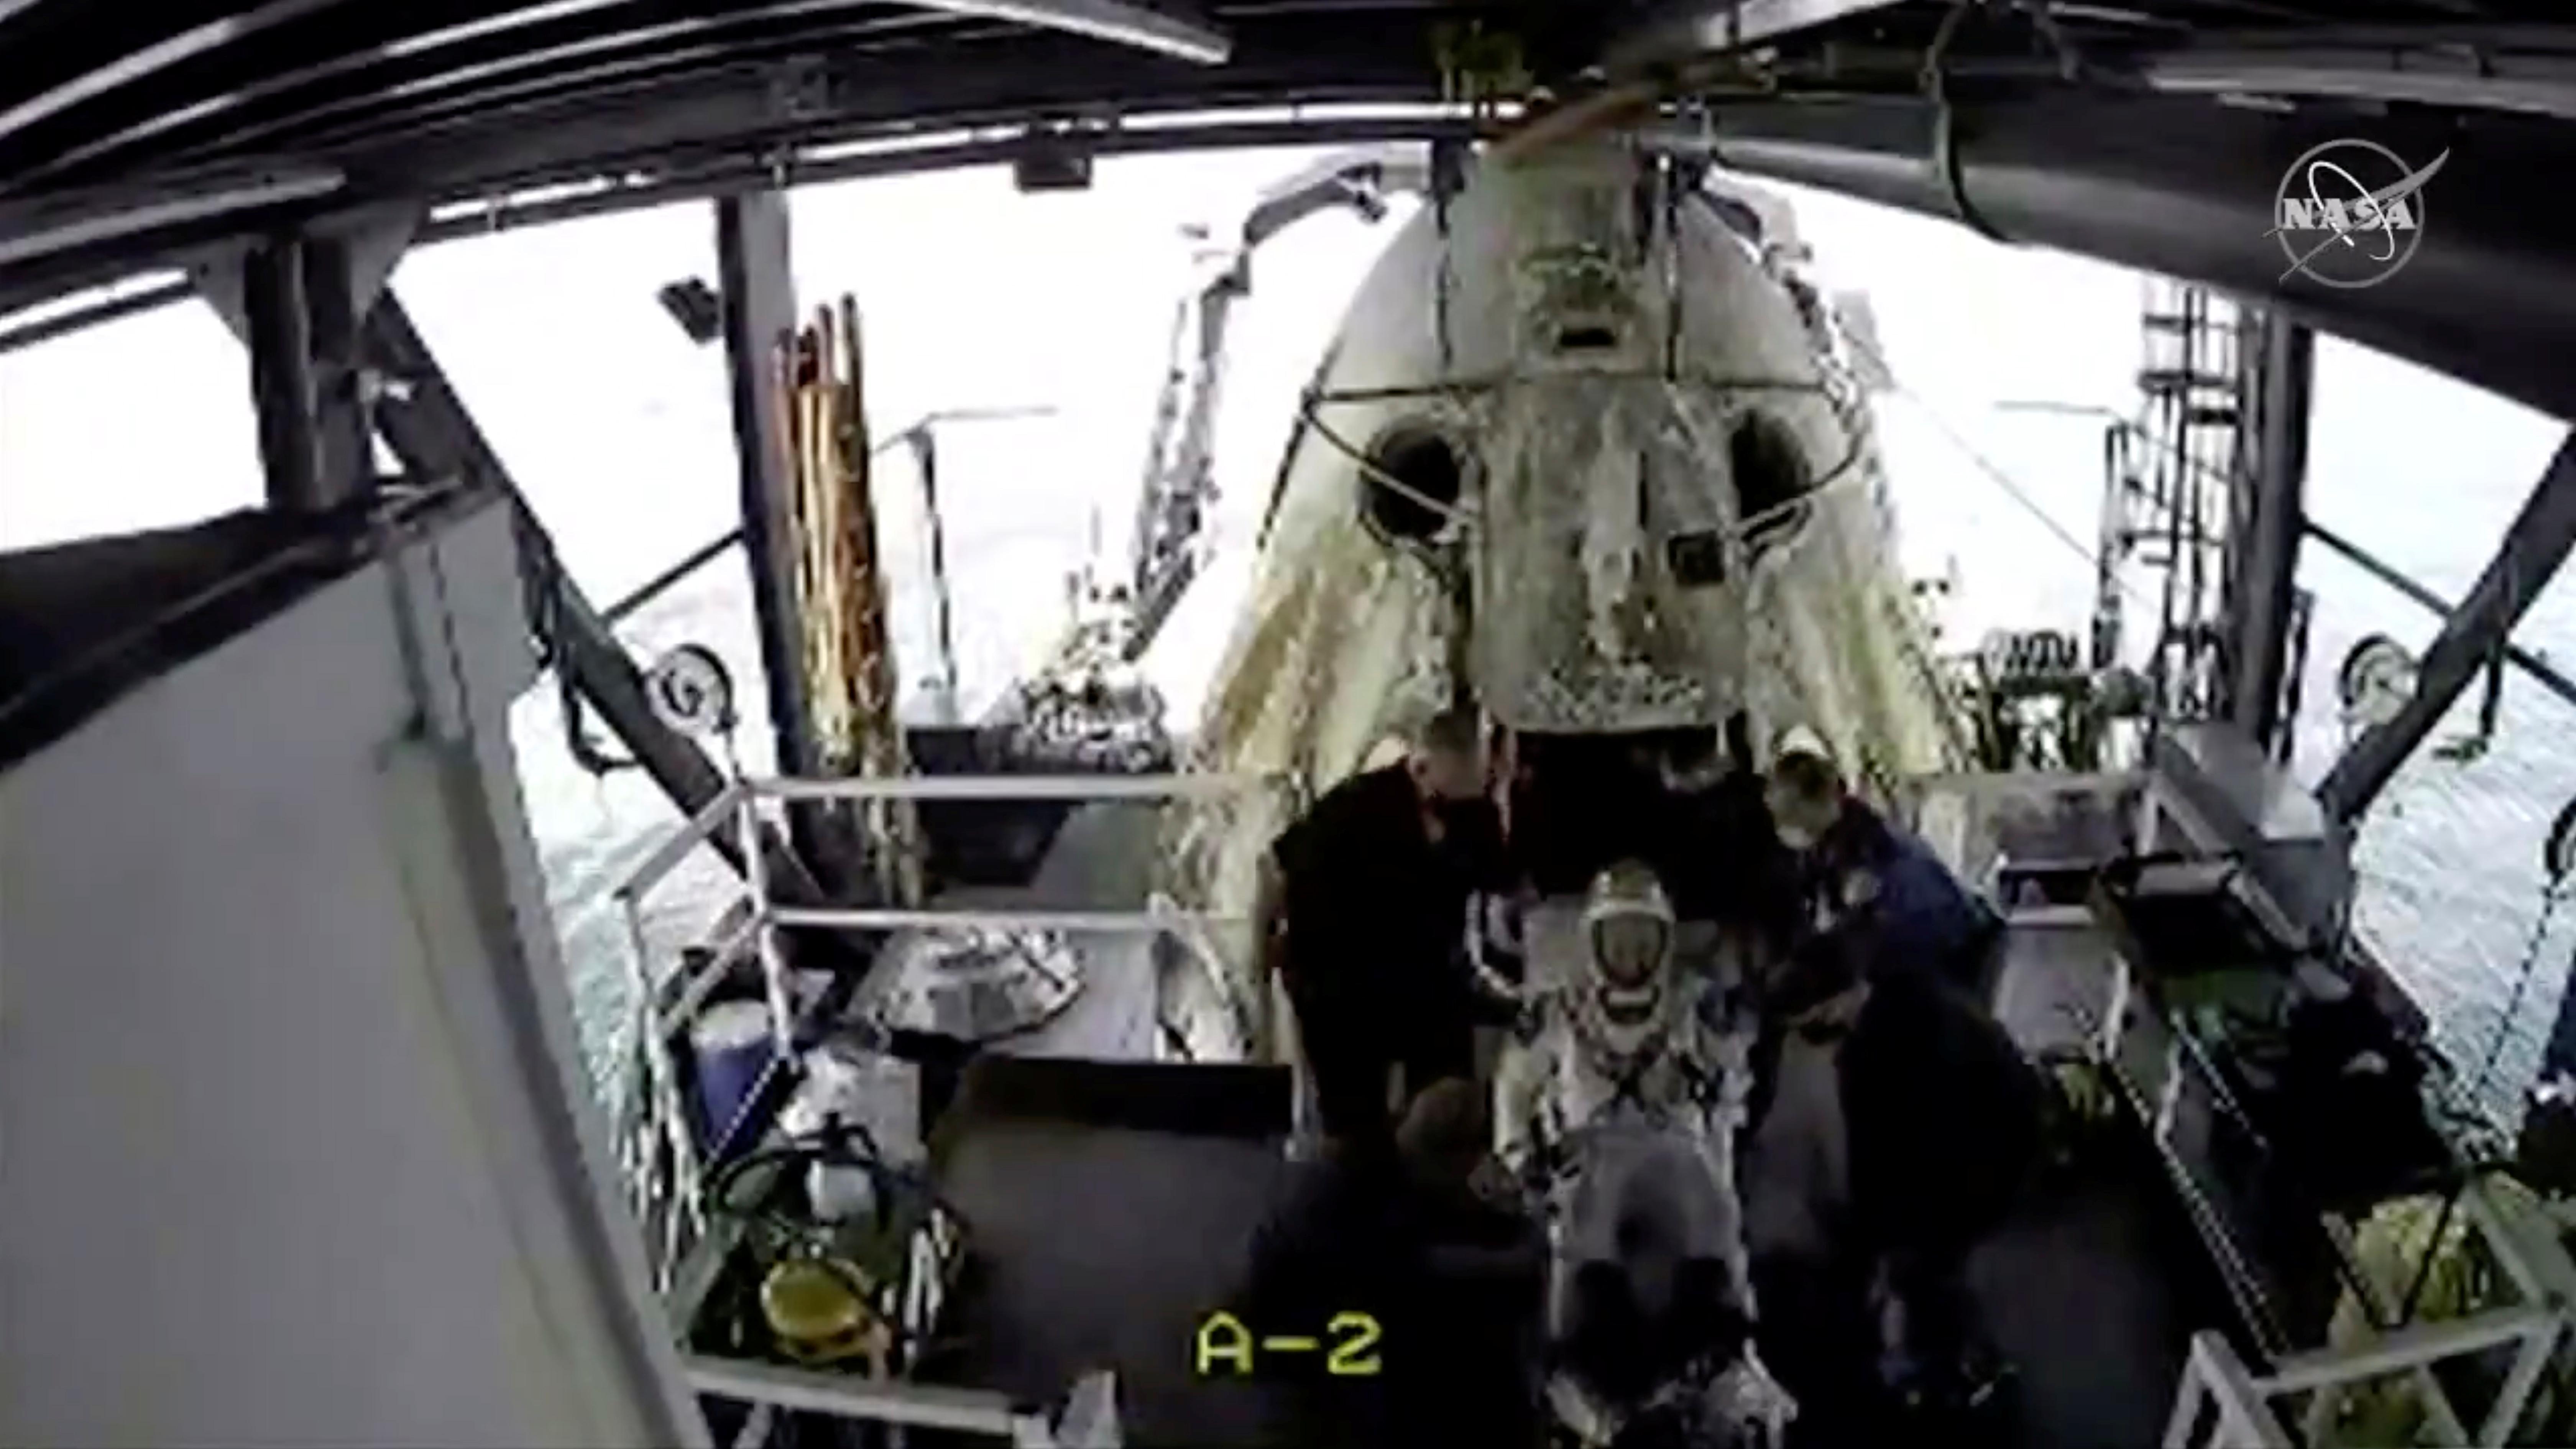 El momento en que uno de los astronautas sale de la cápsula (NASA/Handout via REUTERS)